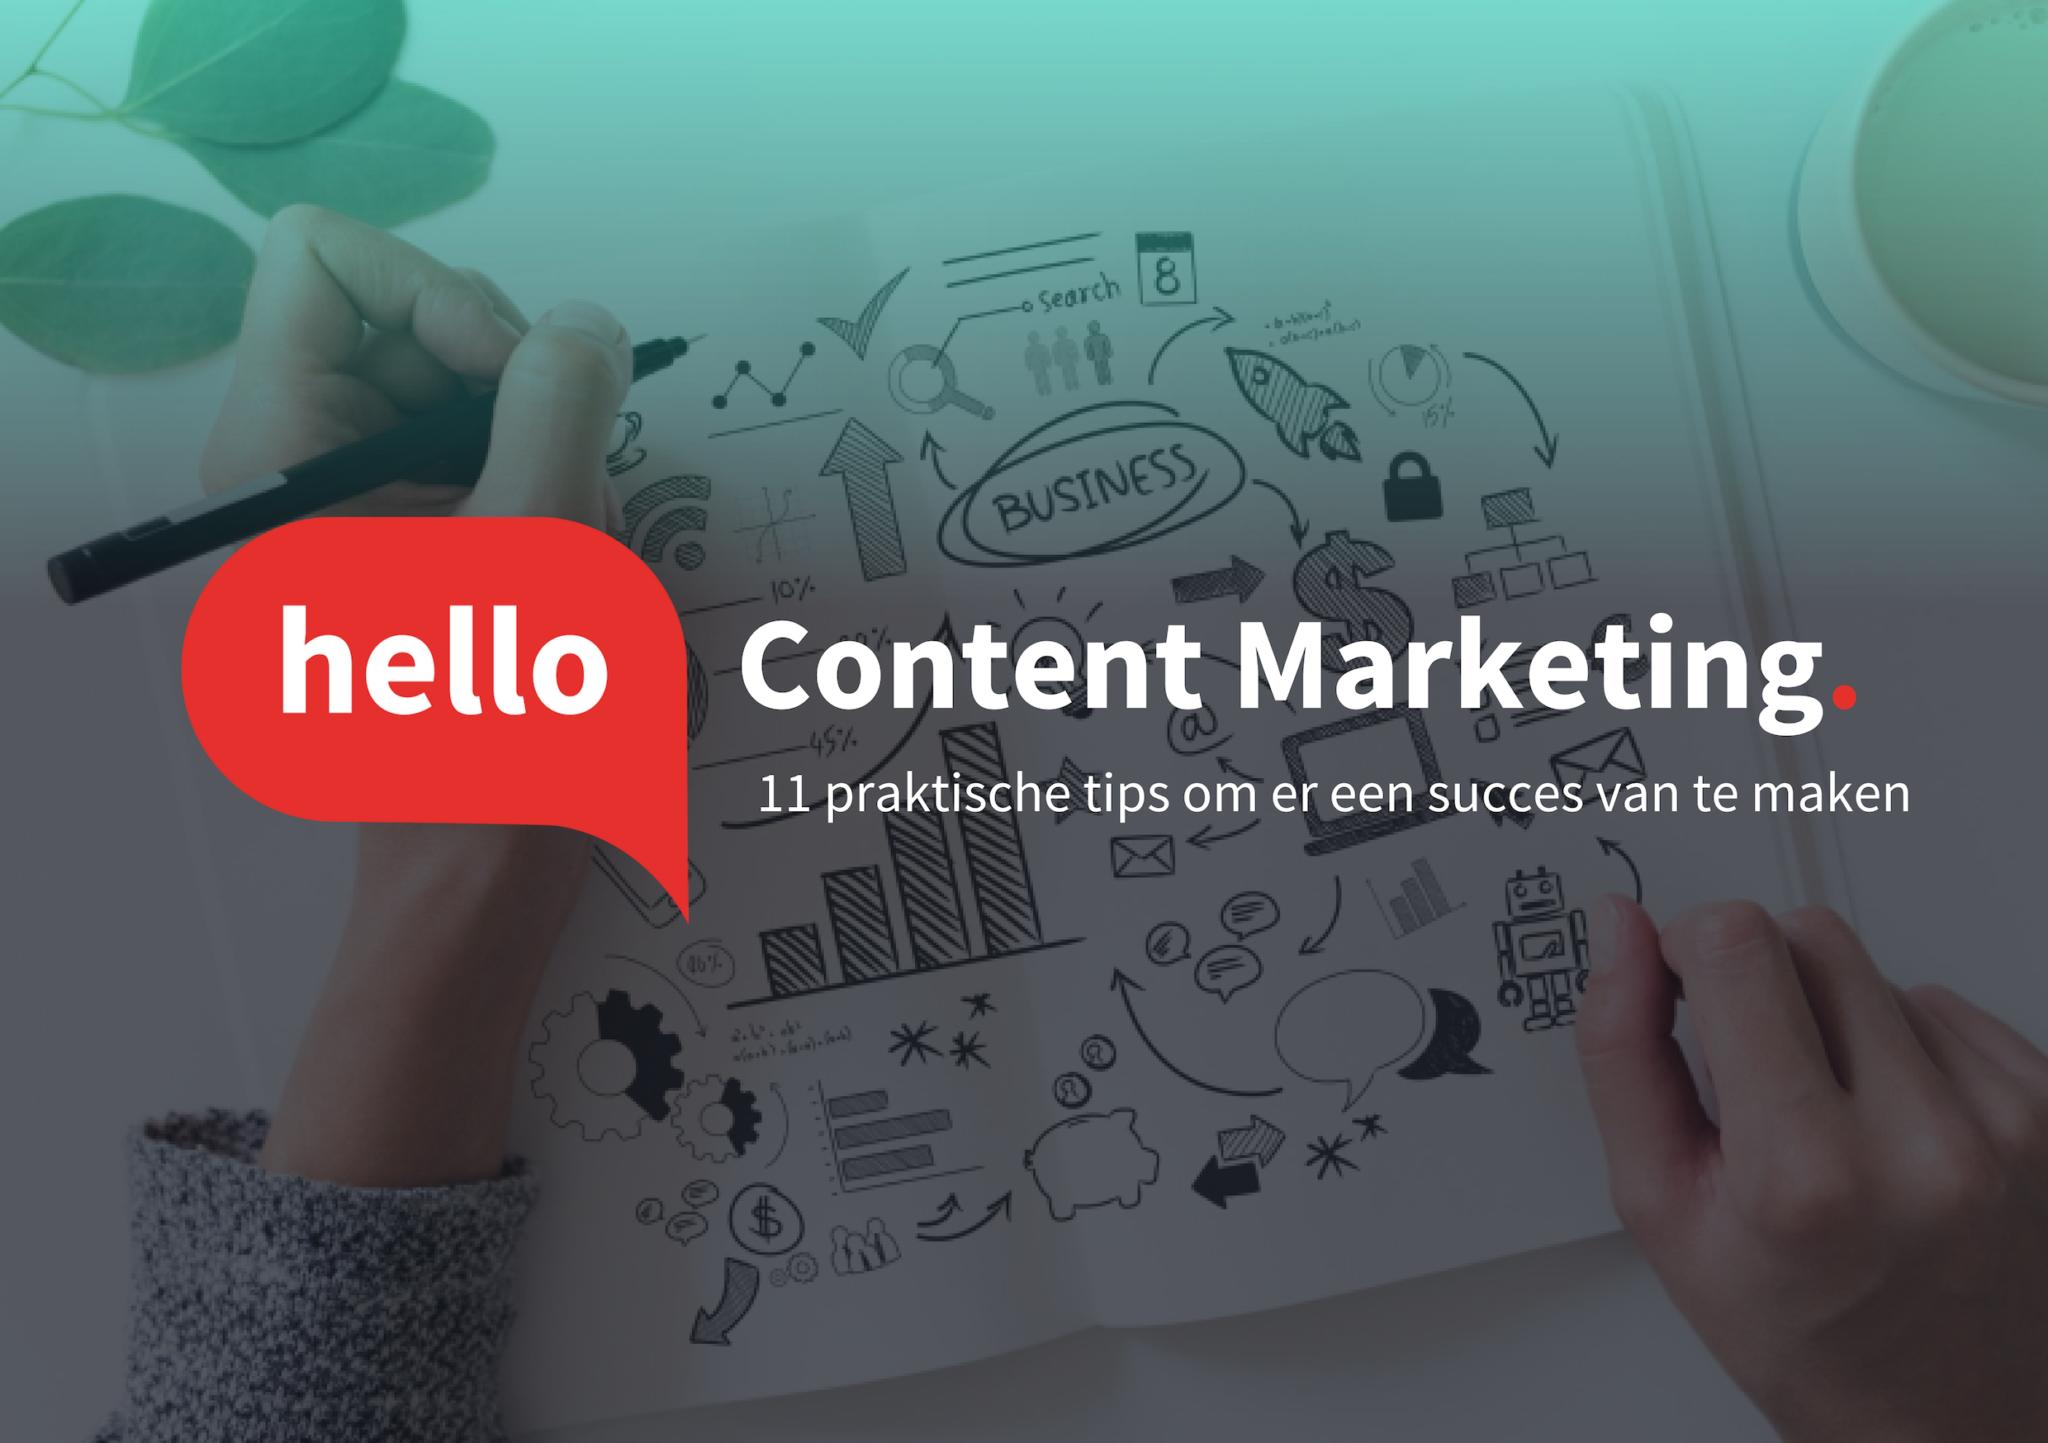 Ebook: 11 praktische tips om met Content Marketing aan de slag te gaan